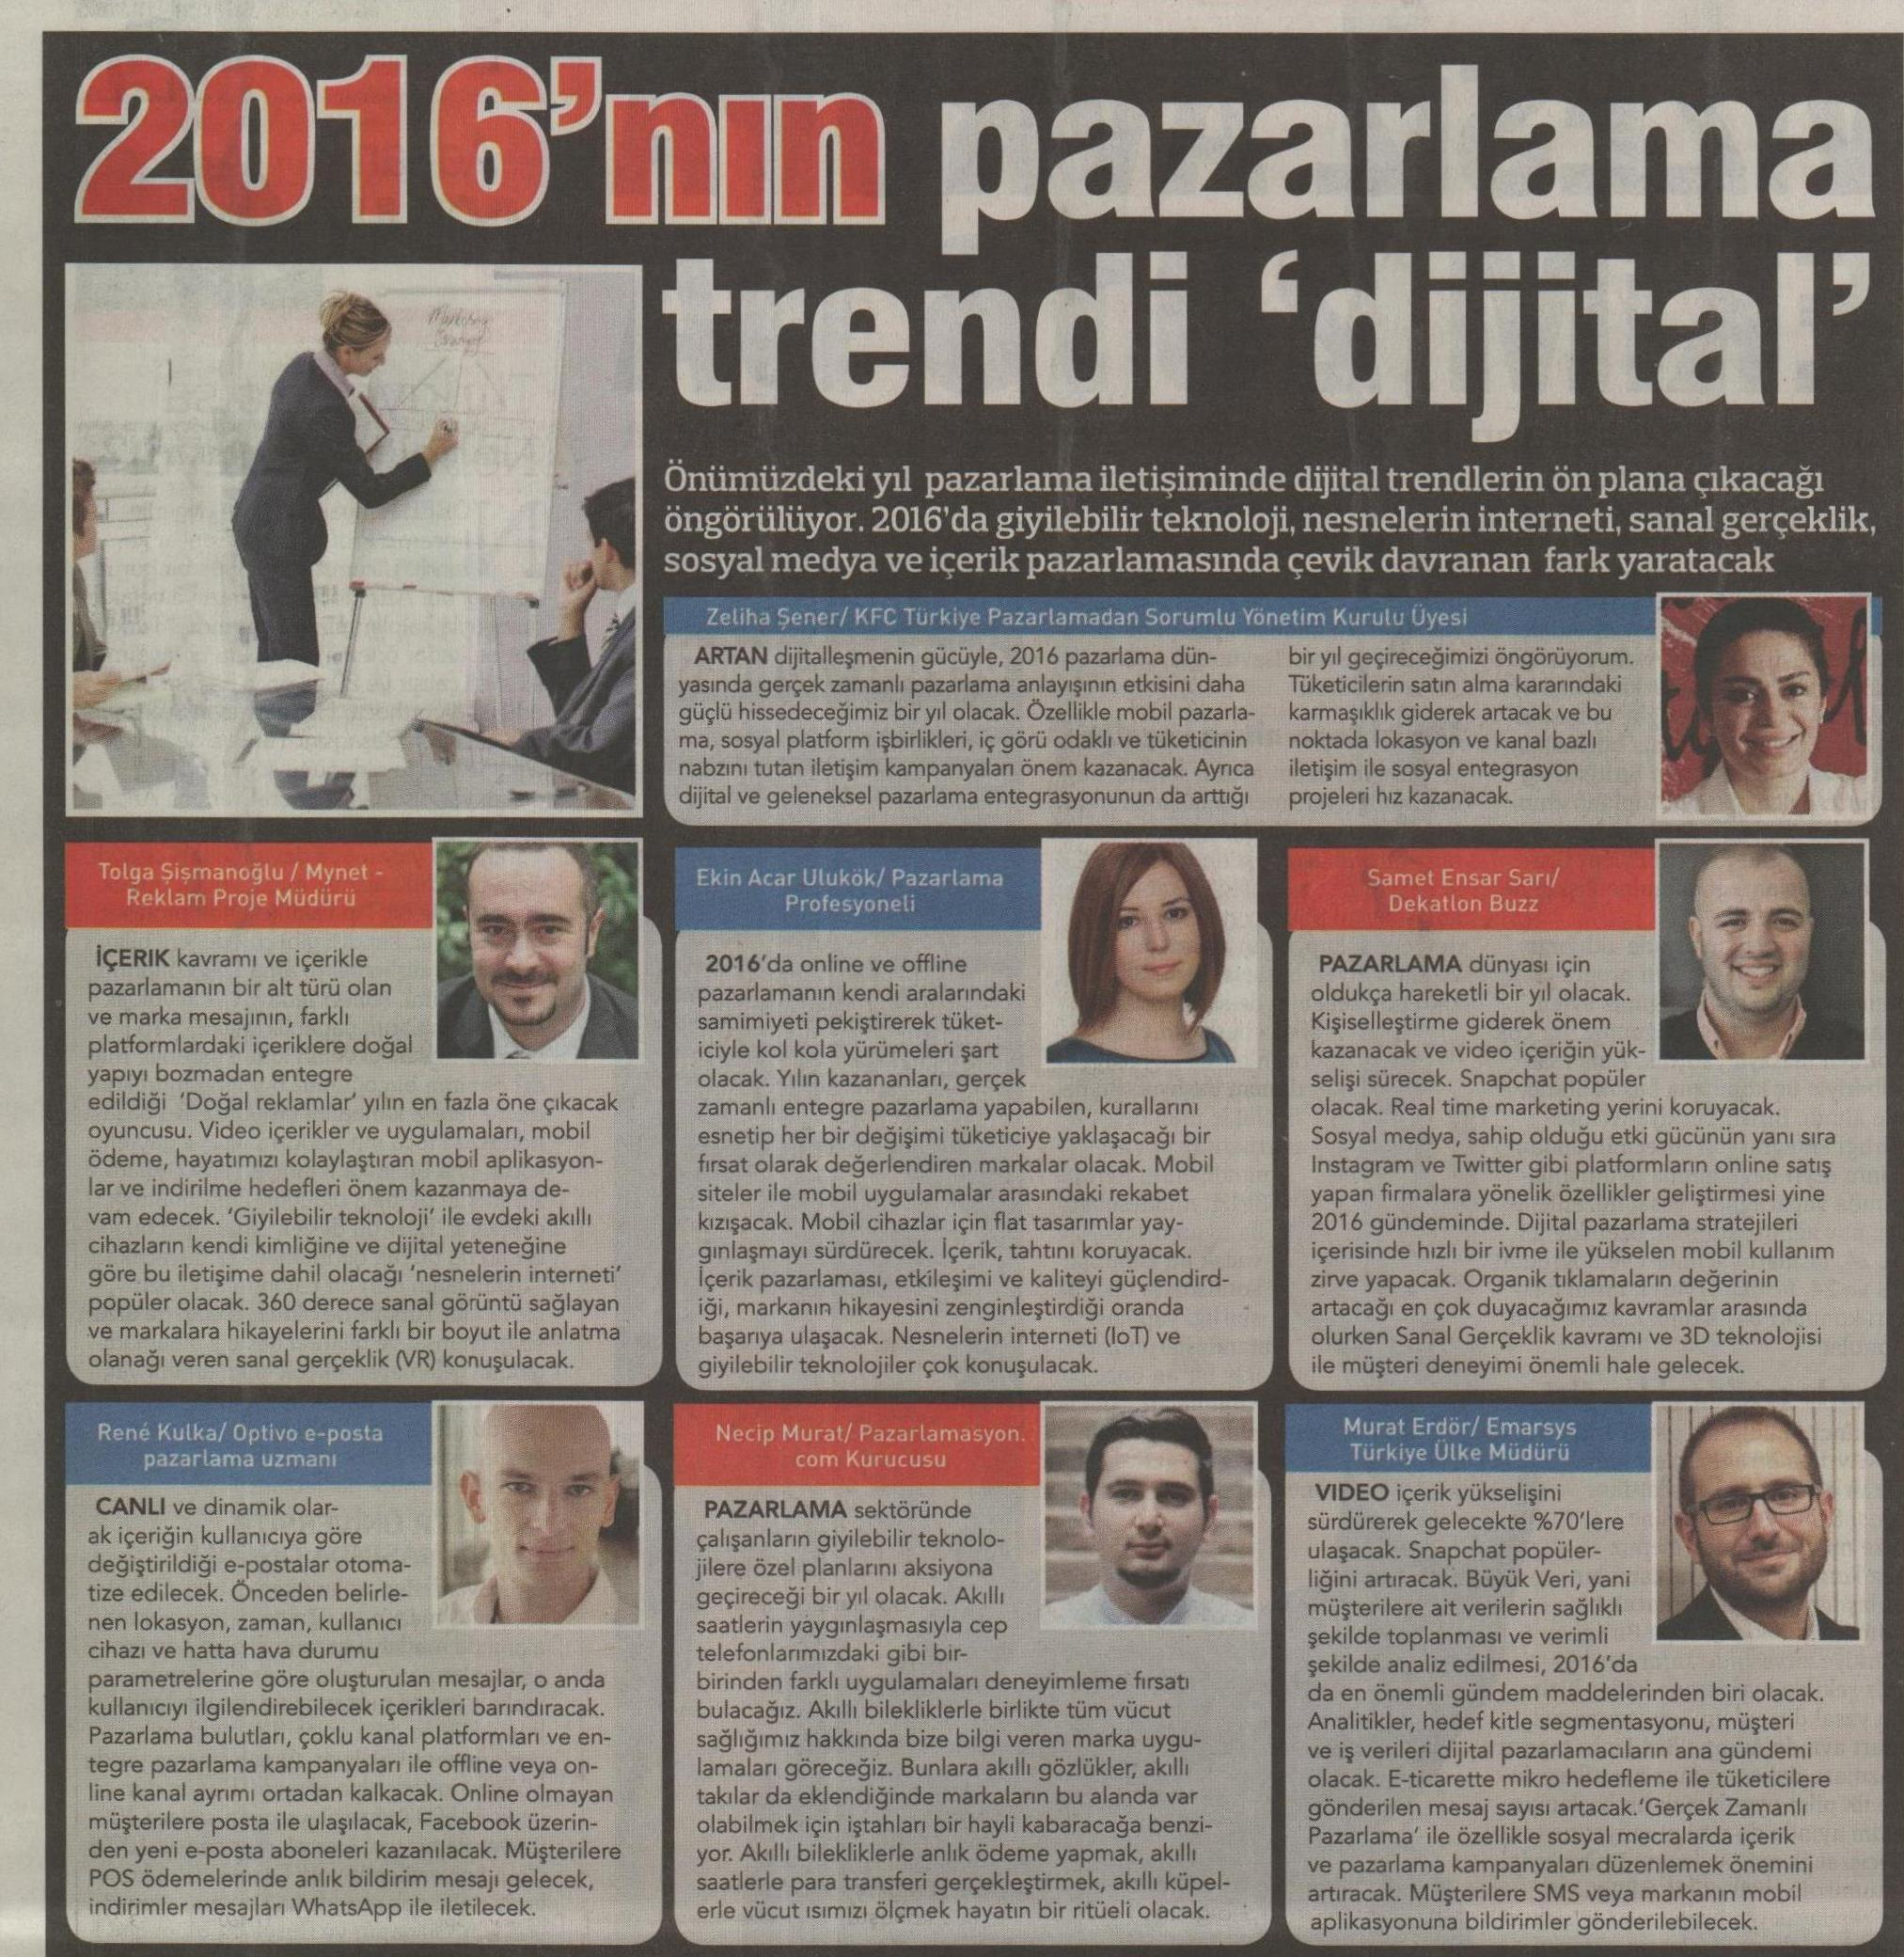 8 - Yeni Yüzyıl Gazetesi_muraterdor.com_12.12.2015